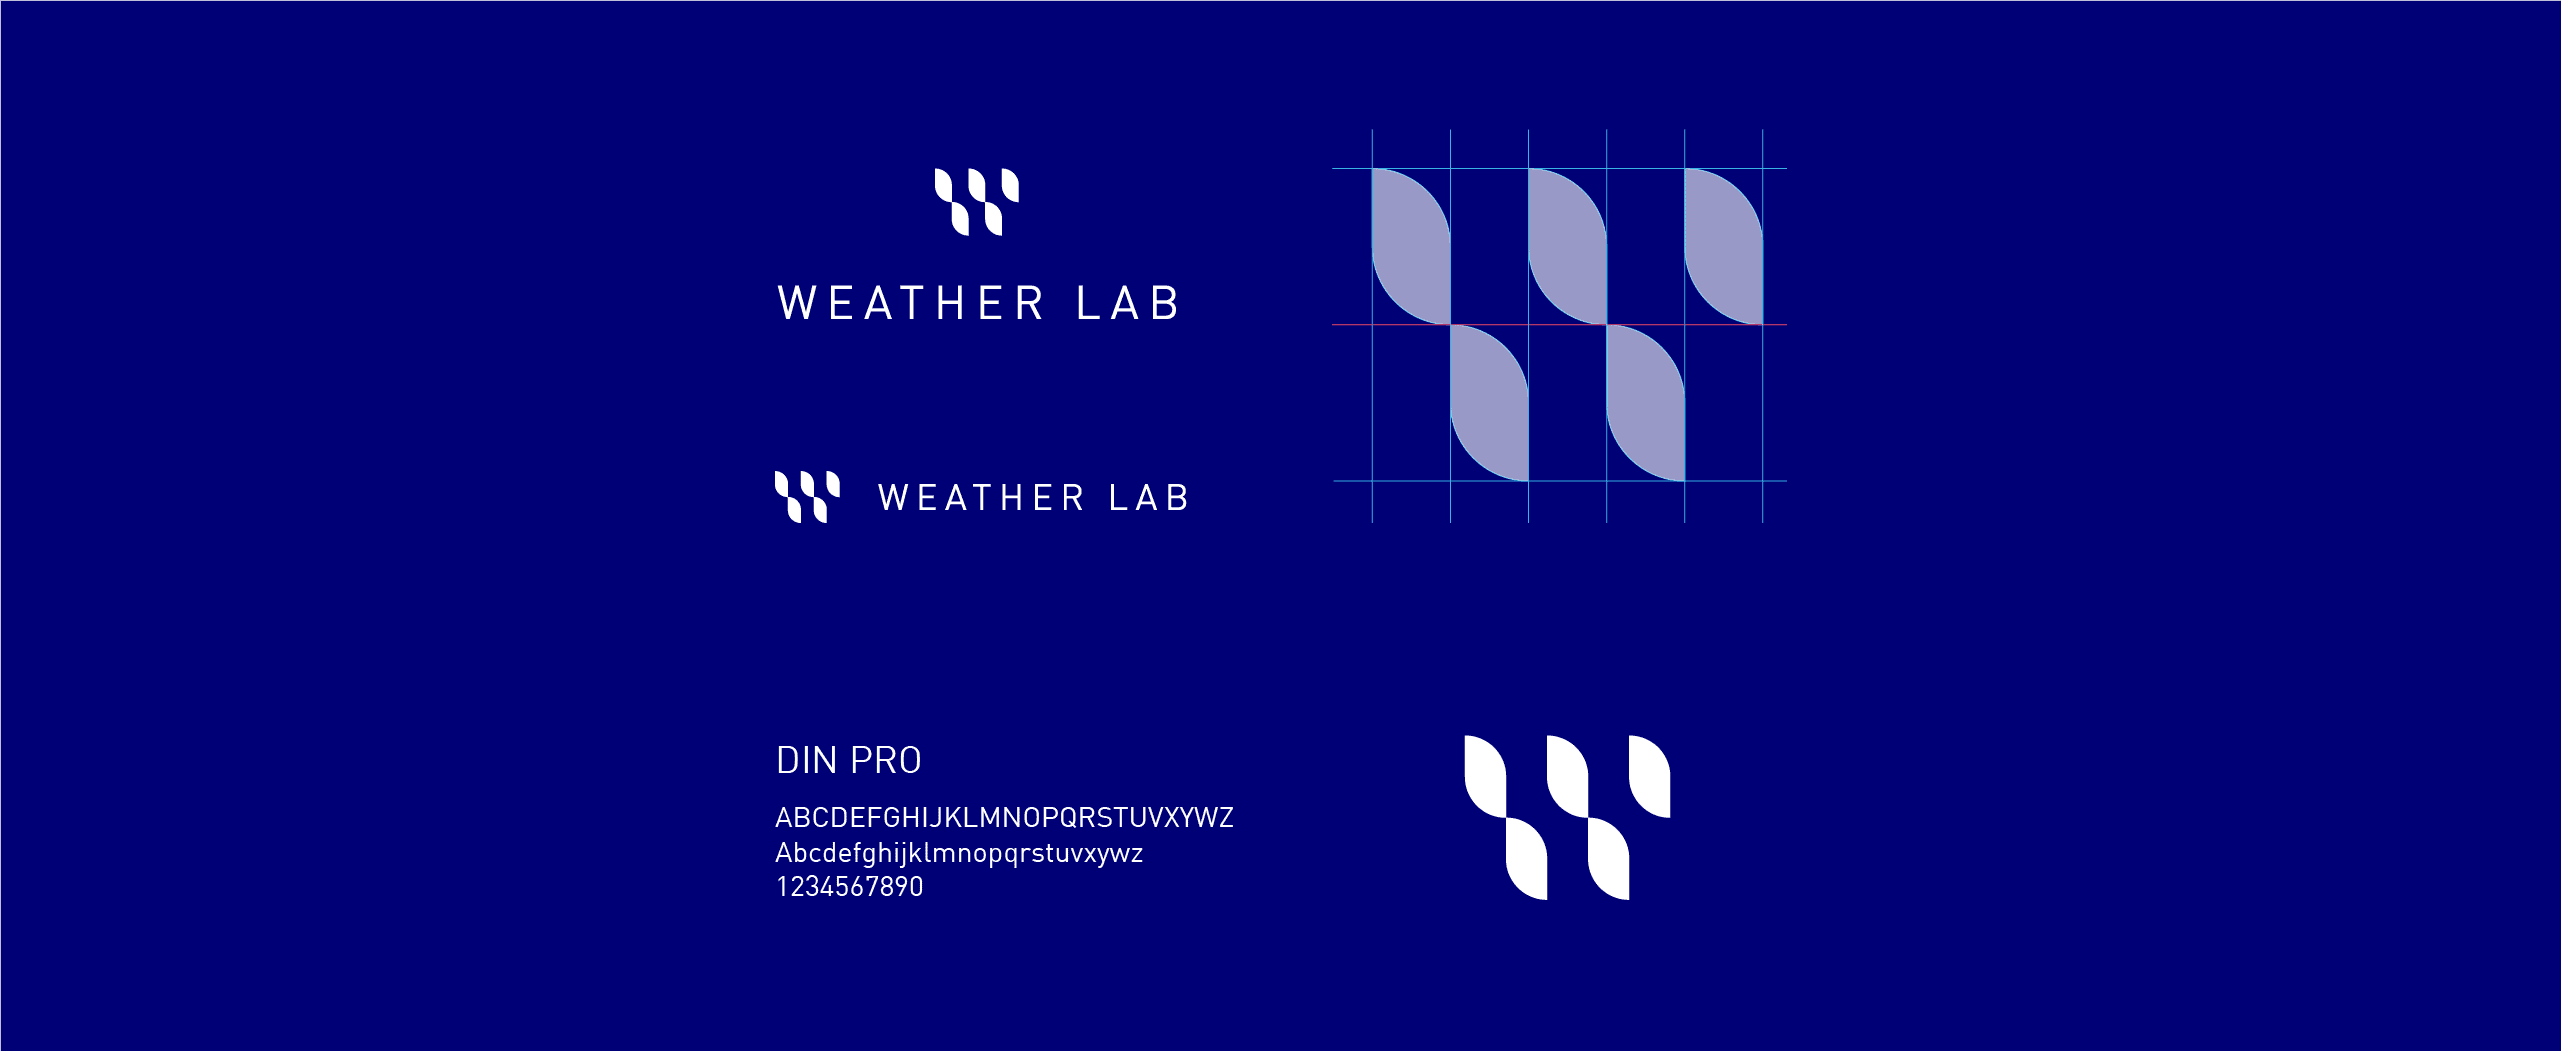 Weather Lab - 03 - Natie Branding Agency